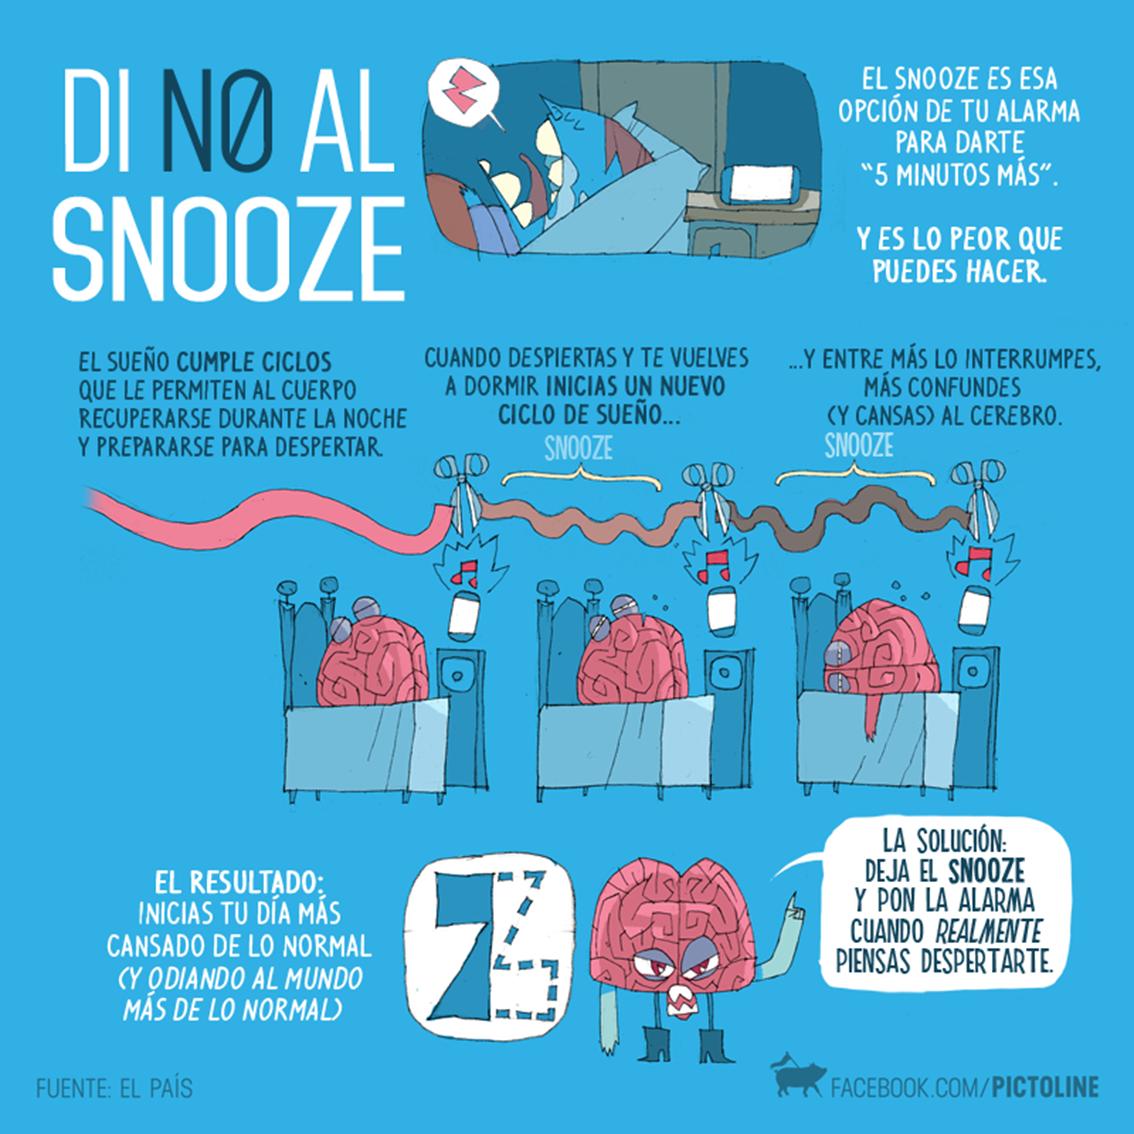 Di no al snooze